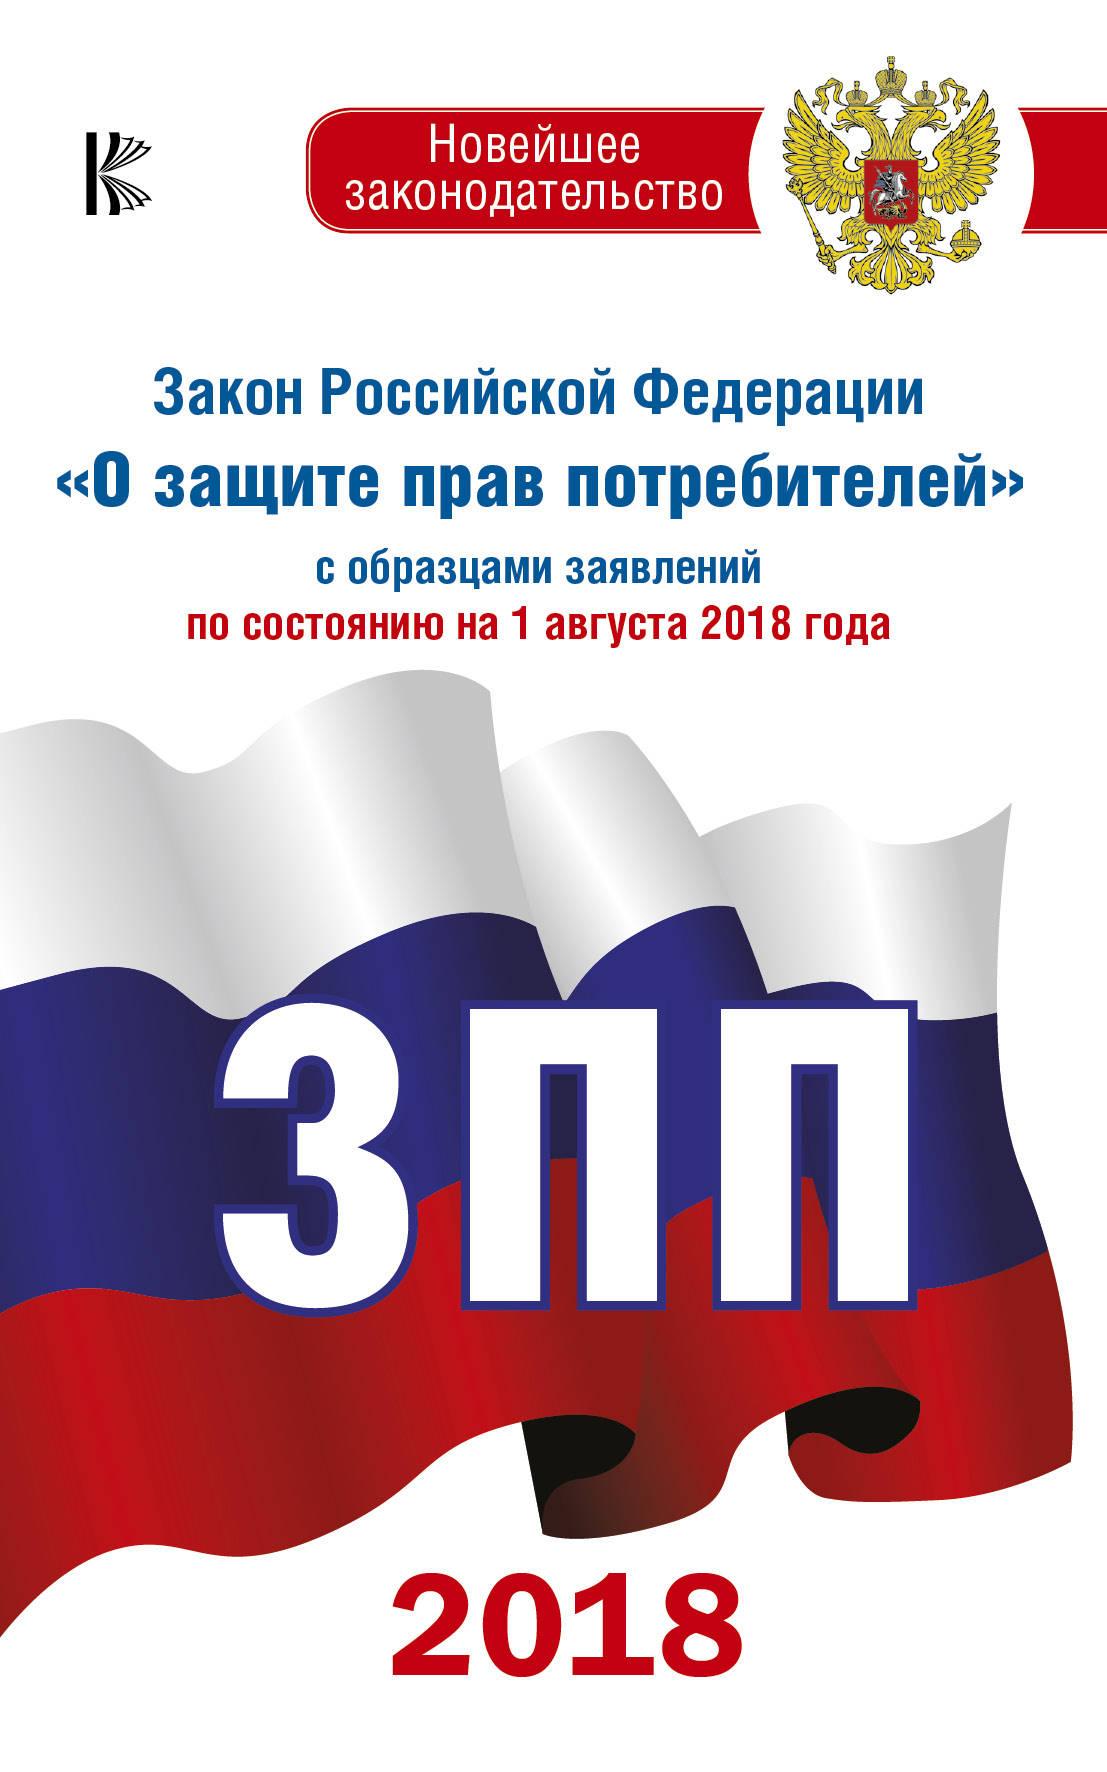 Закон Российской Федерации О защите прав потребителей с образцами заявлений по состоянию на 01.08.2018 год